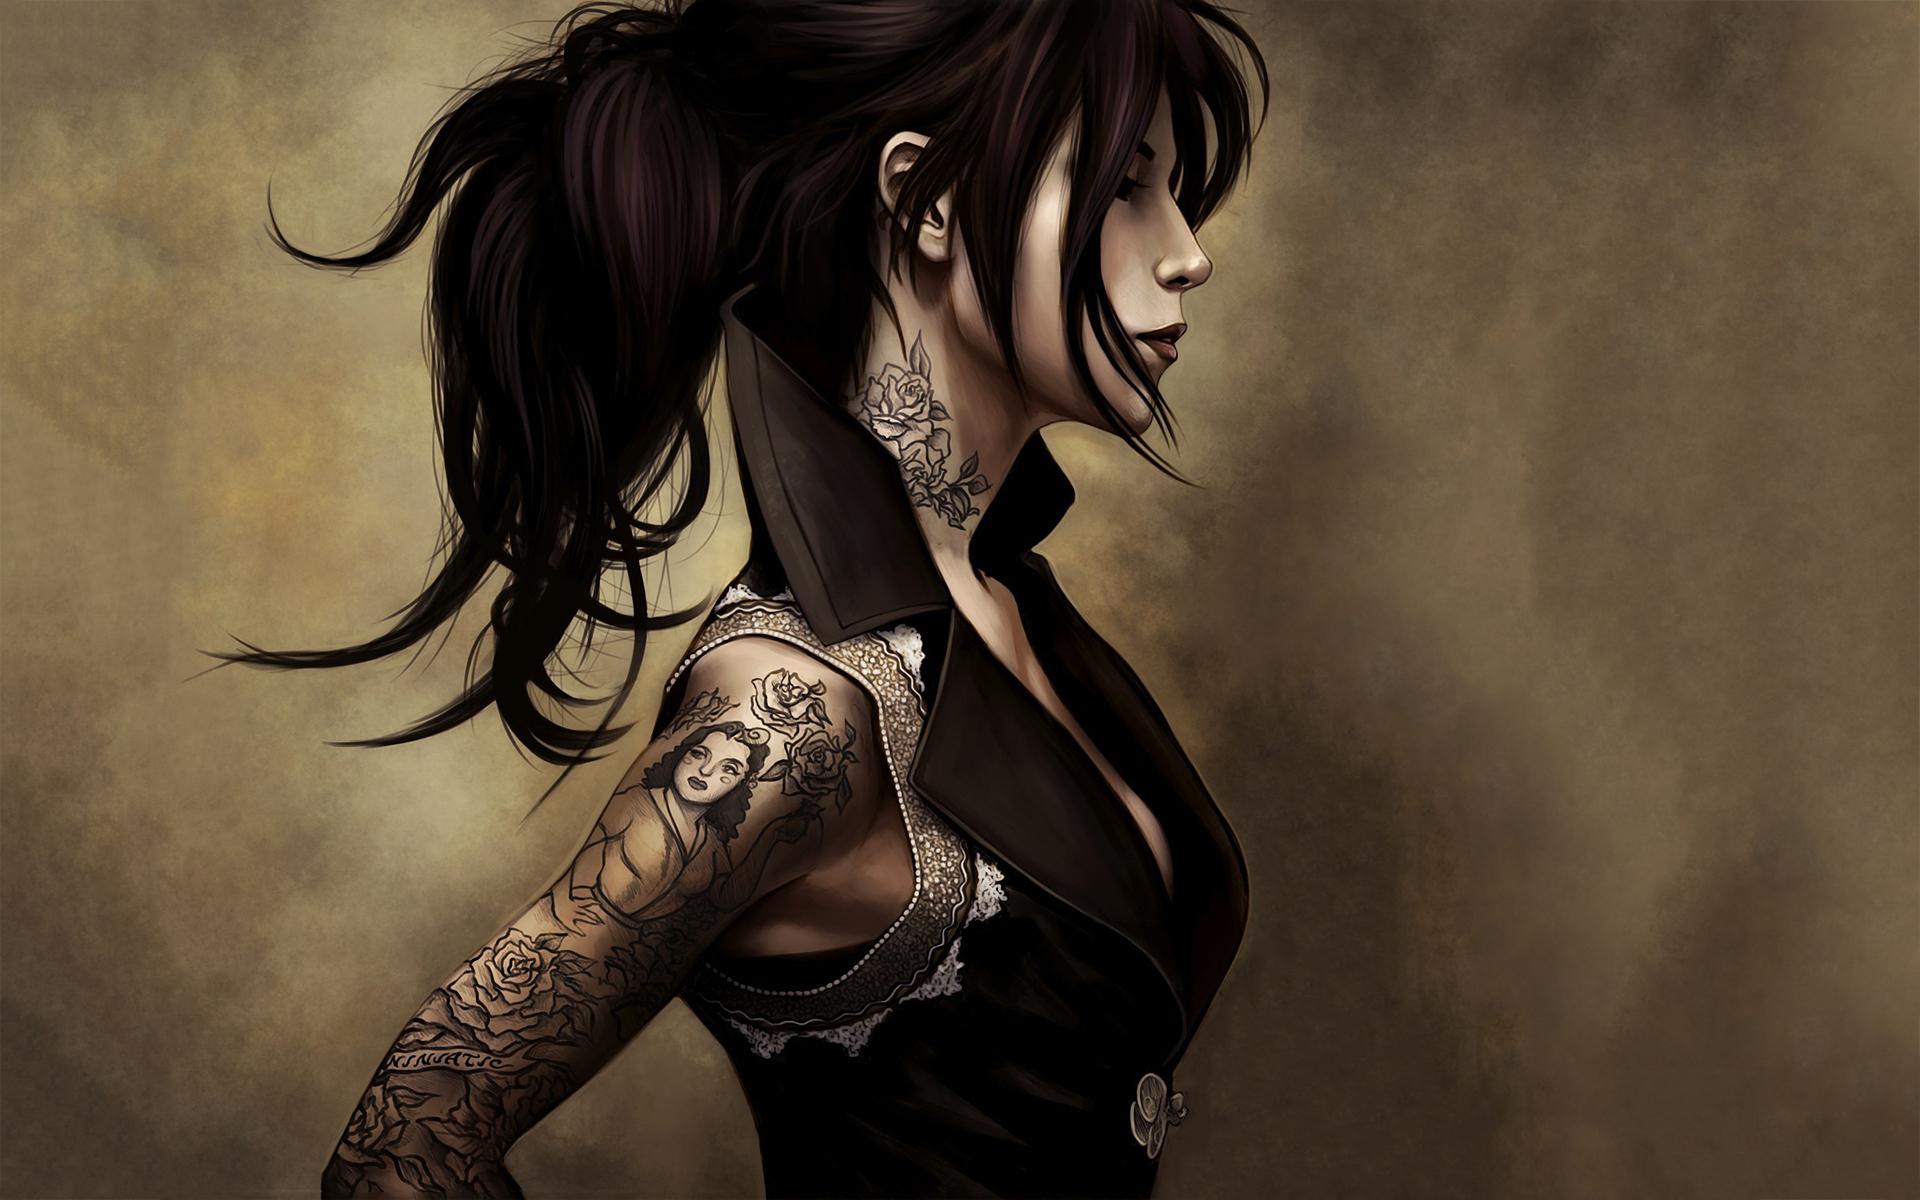 Fantasy - Tattoo  Wallpaper